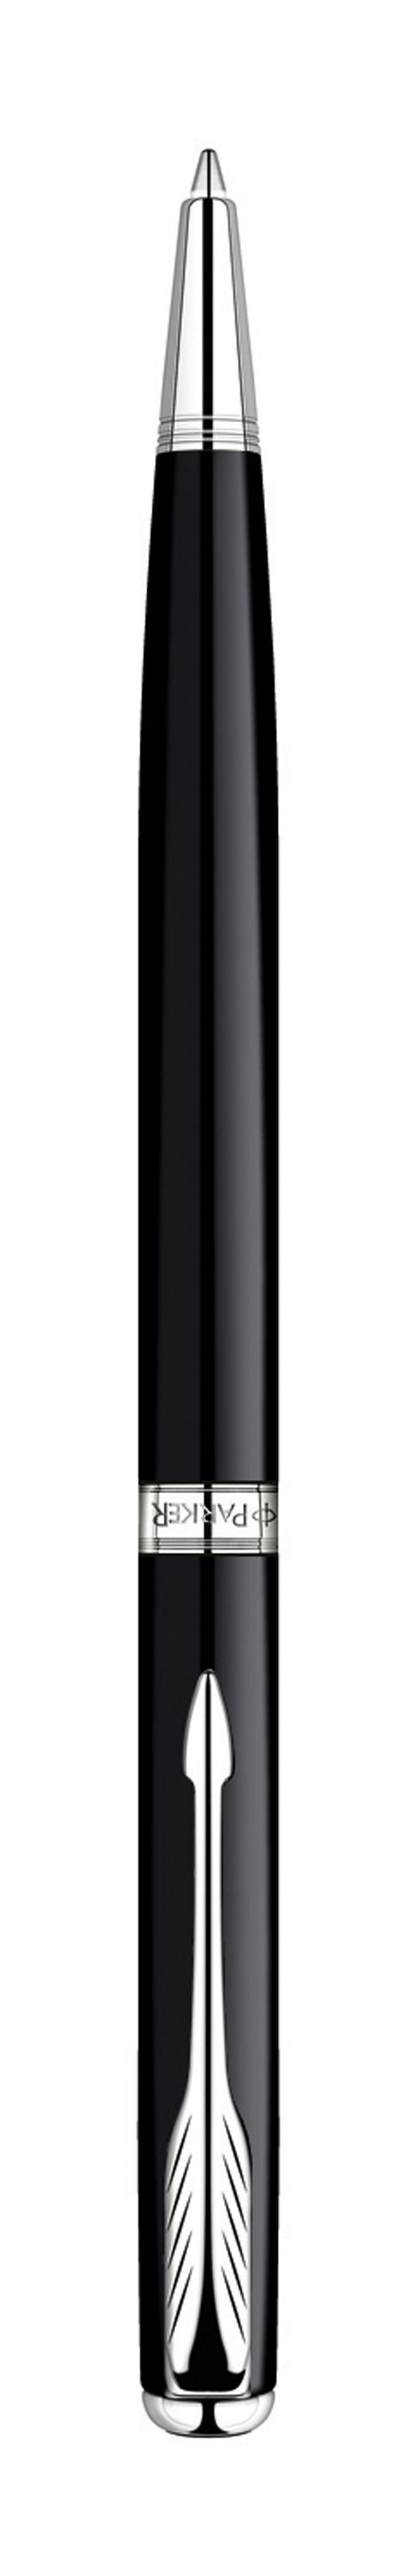 Ручка шариковая Sonnet SLIM Black Laque CT. PARKER-S0808840PARKER-S0808840Шариковая ручка Паркер Сонет Слим Блэк Си Ти . Инструмент для письма, линия письма - средняя, цвет чернил черный, в подарочной упаковке. Произведено во Франции.